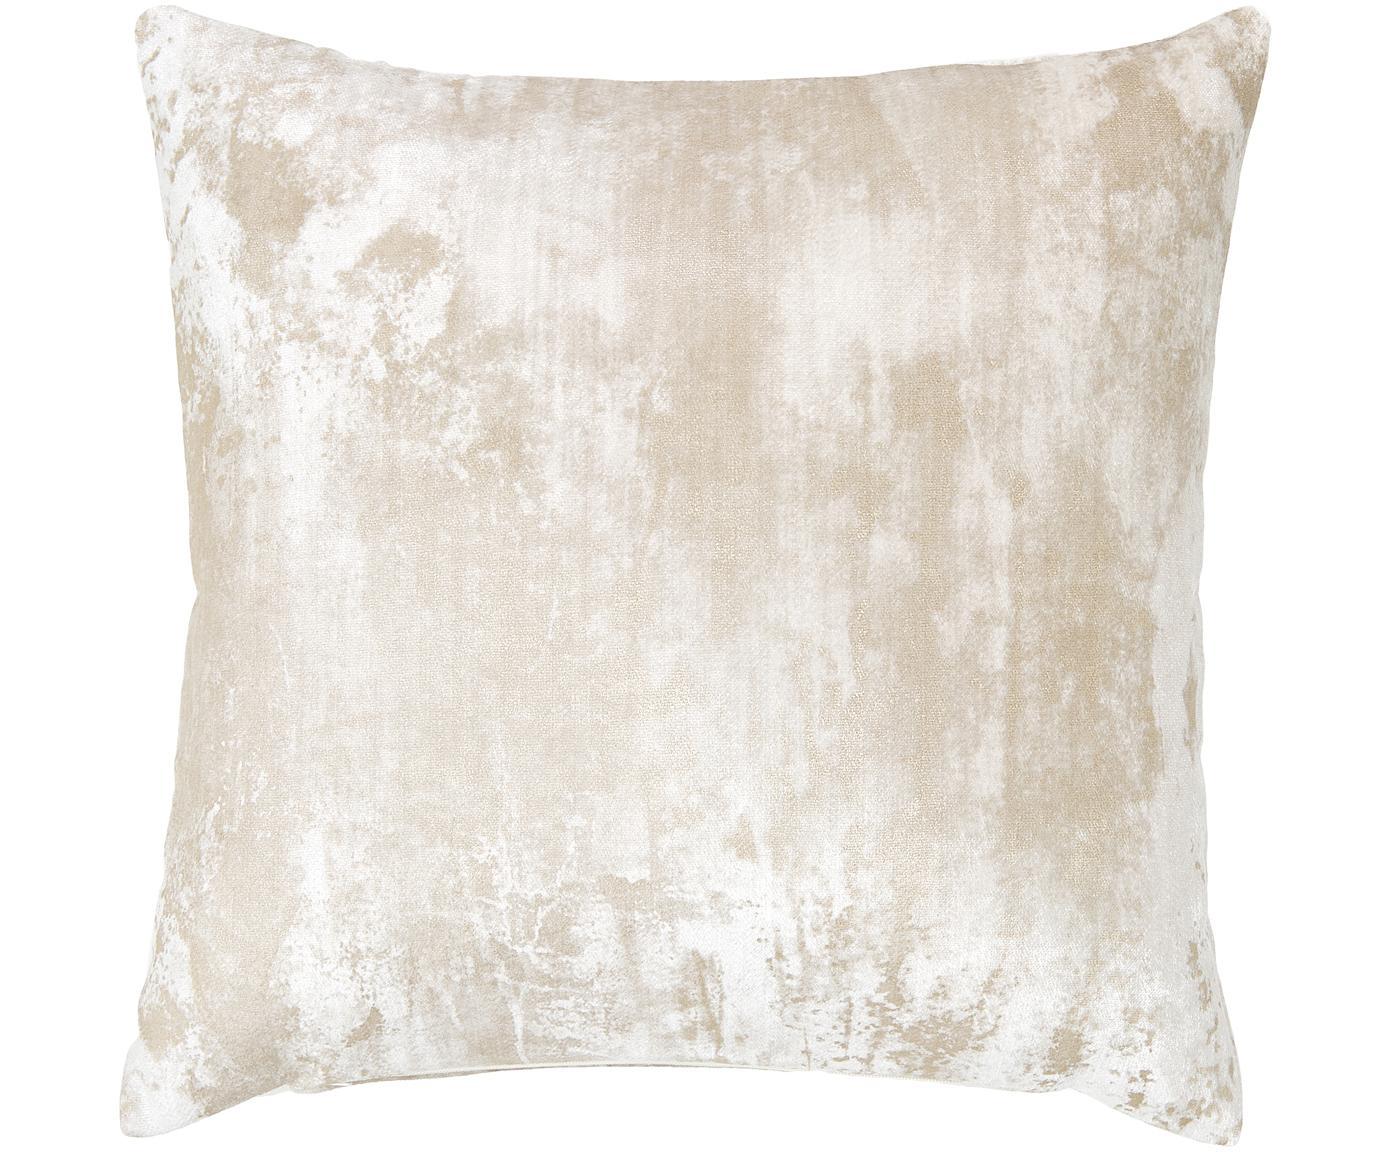 Poszewka na poduszkę z aksamitu Shiny, Aksamit poliestrowy, Kremowy, S 40 x D 40 cm